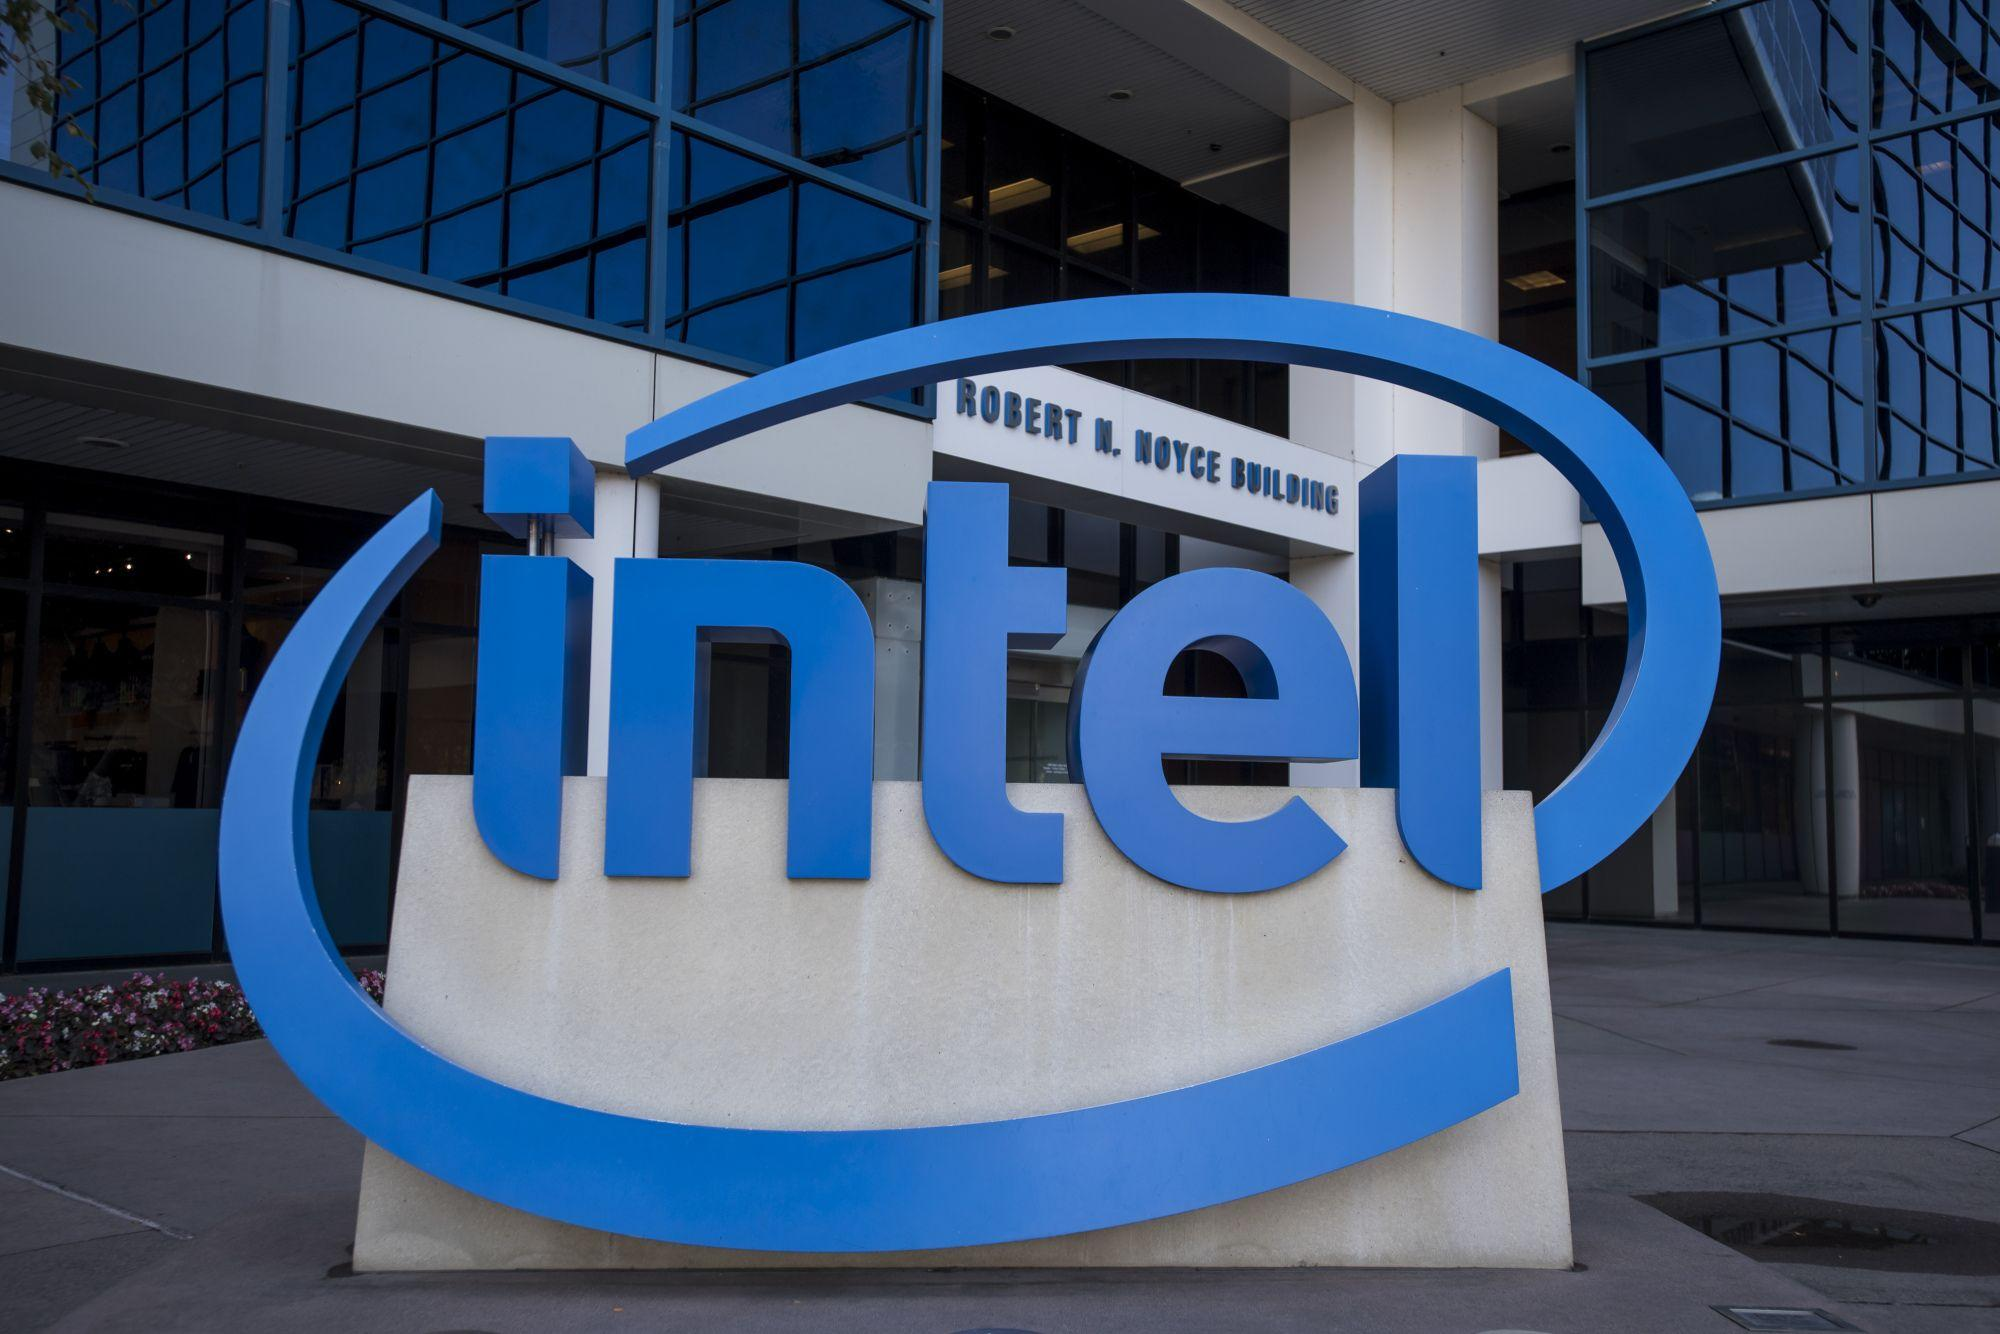 Intel đầu tư 20 tỷ USD xây nhà máy sản xuất chip di động, đe dọa cả TSMC và Samsung - Ảnh 1.